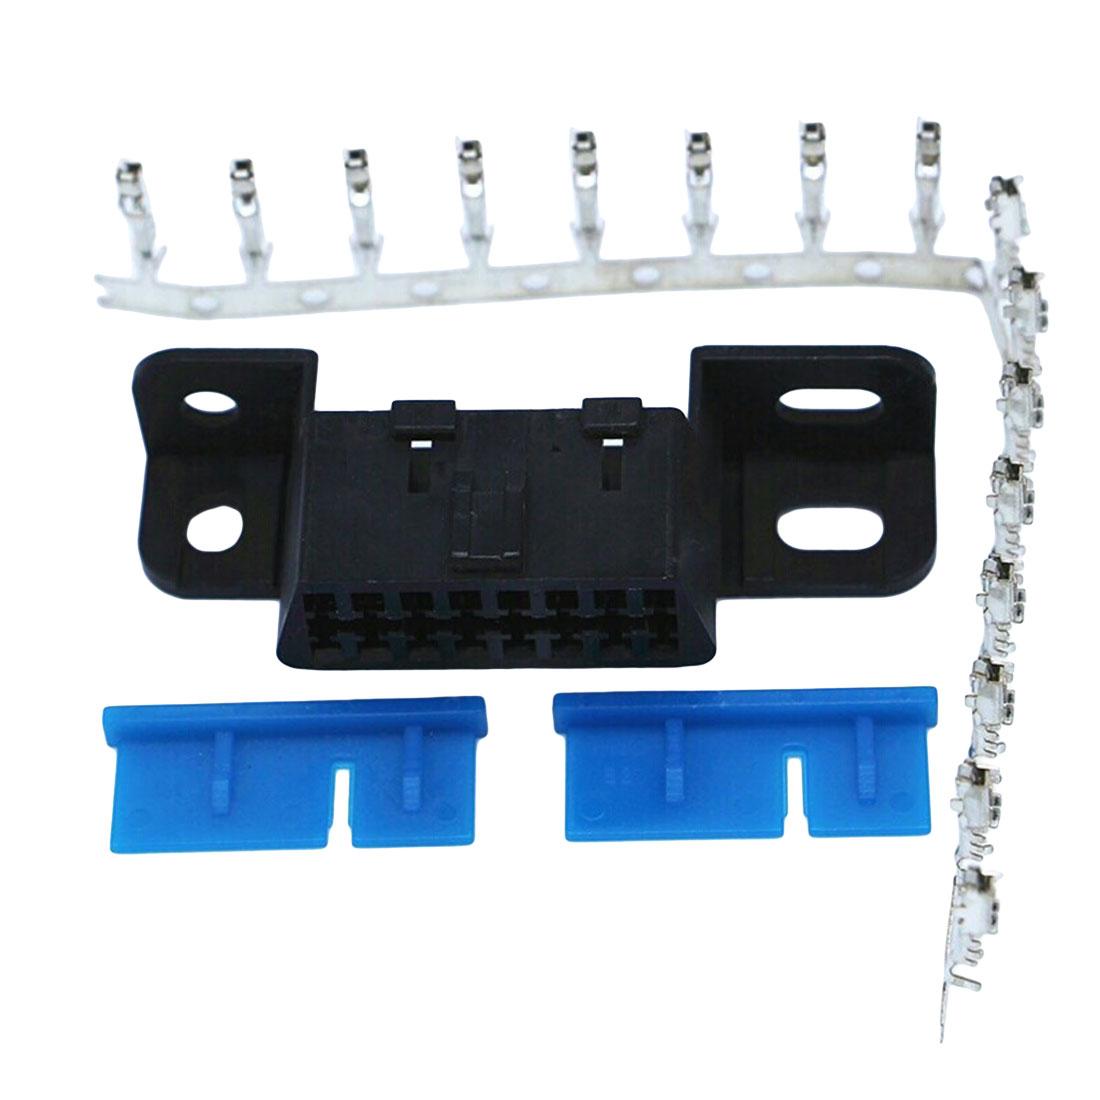 Marsnaska 16pin Obd2 Connector OBD 2 16Pin Female Angle Connector OBD Female Wire Sockets Connector Obd Adapter Diagnostic Tools